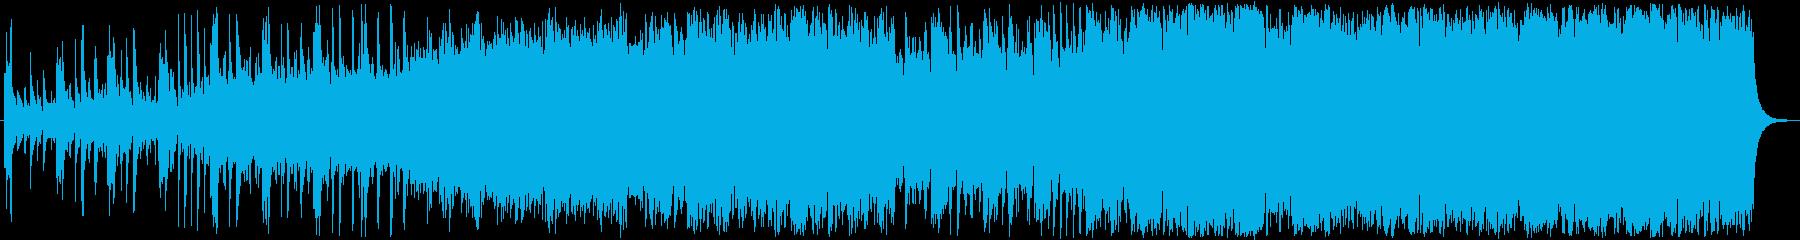 明るく前向きなクラシック風音楽の再生済みの波形